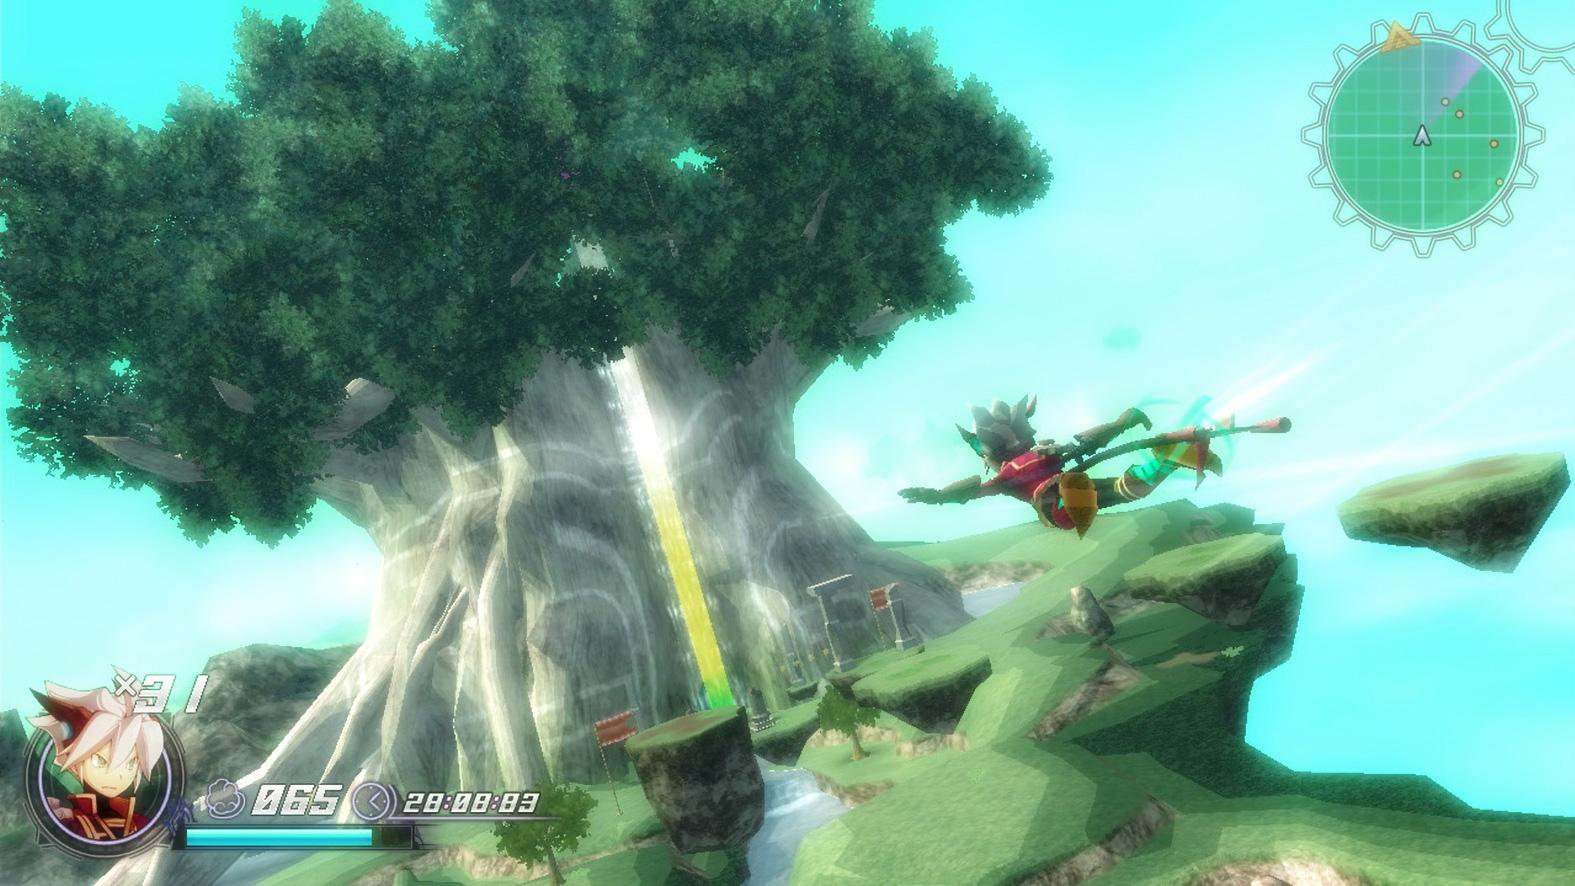 Rodea The Sky Soldier (Wii U) - DrEAMS... into Nightmares